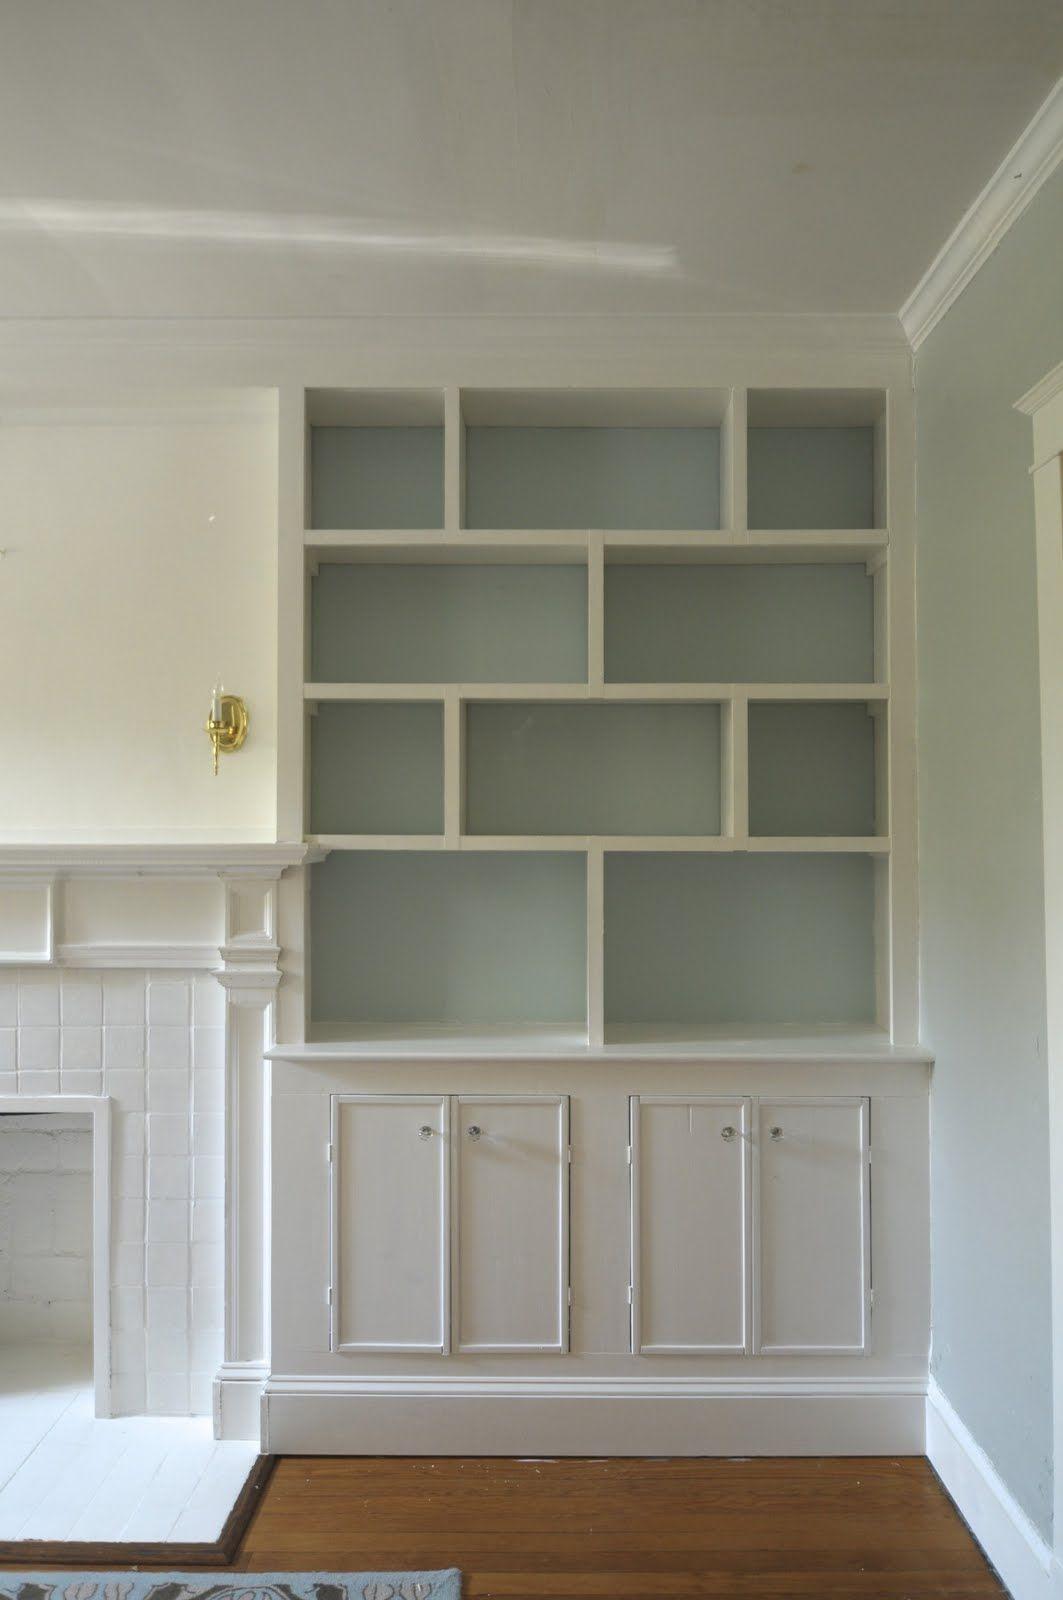 Built In Bookshelves Bookshelves Built In Home Fireplace Built Ins